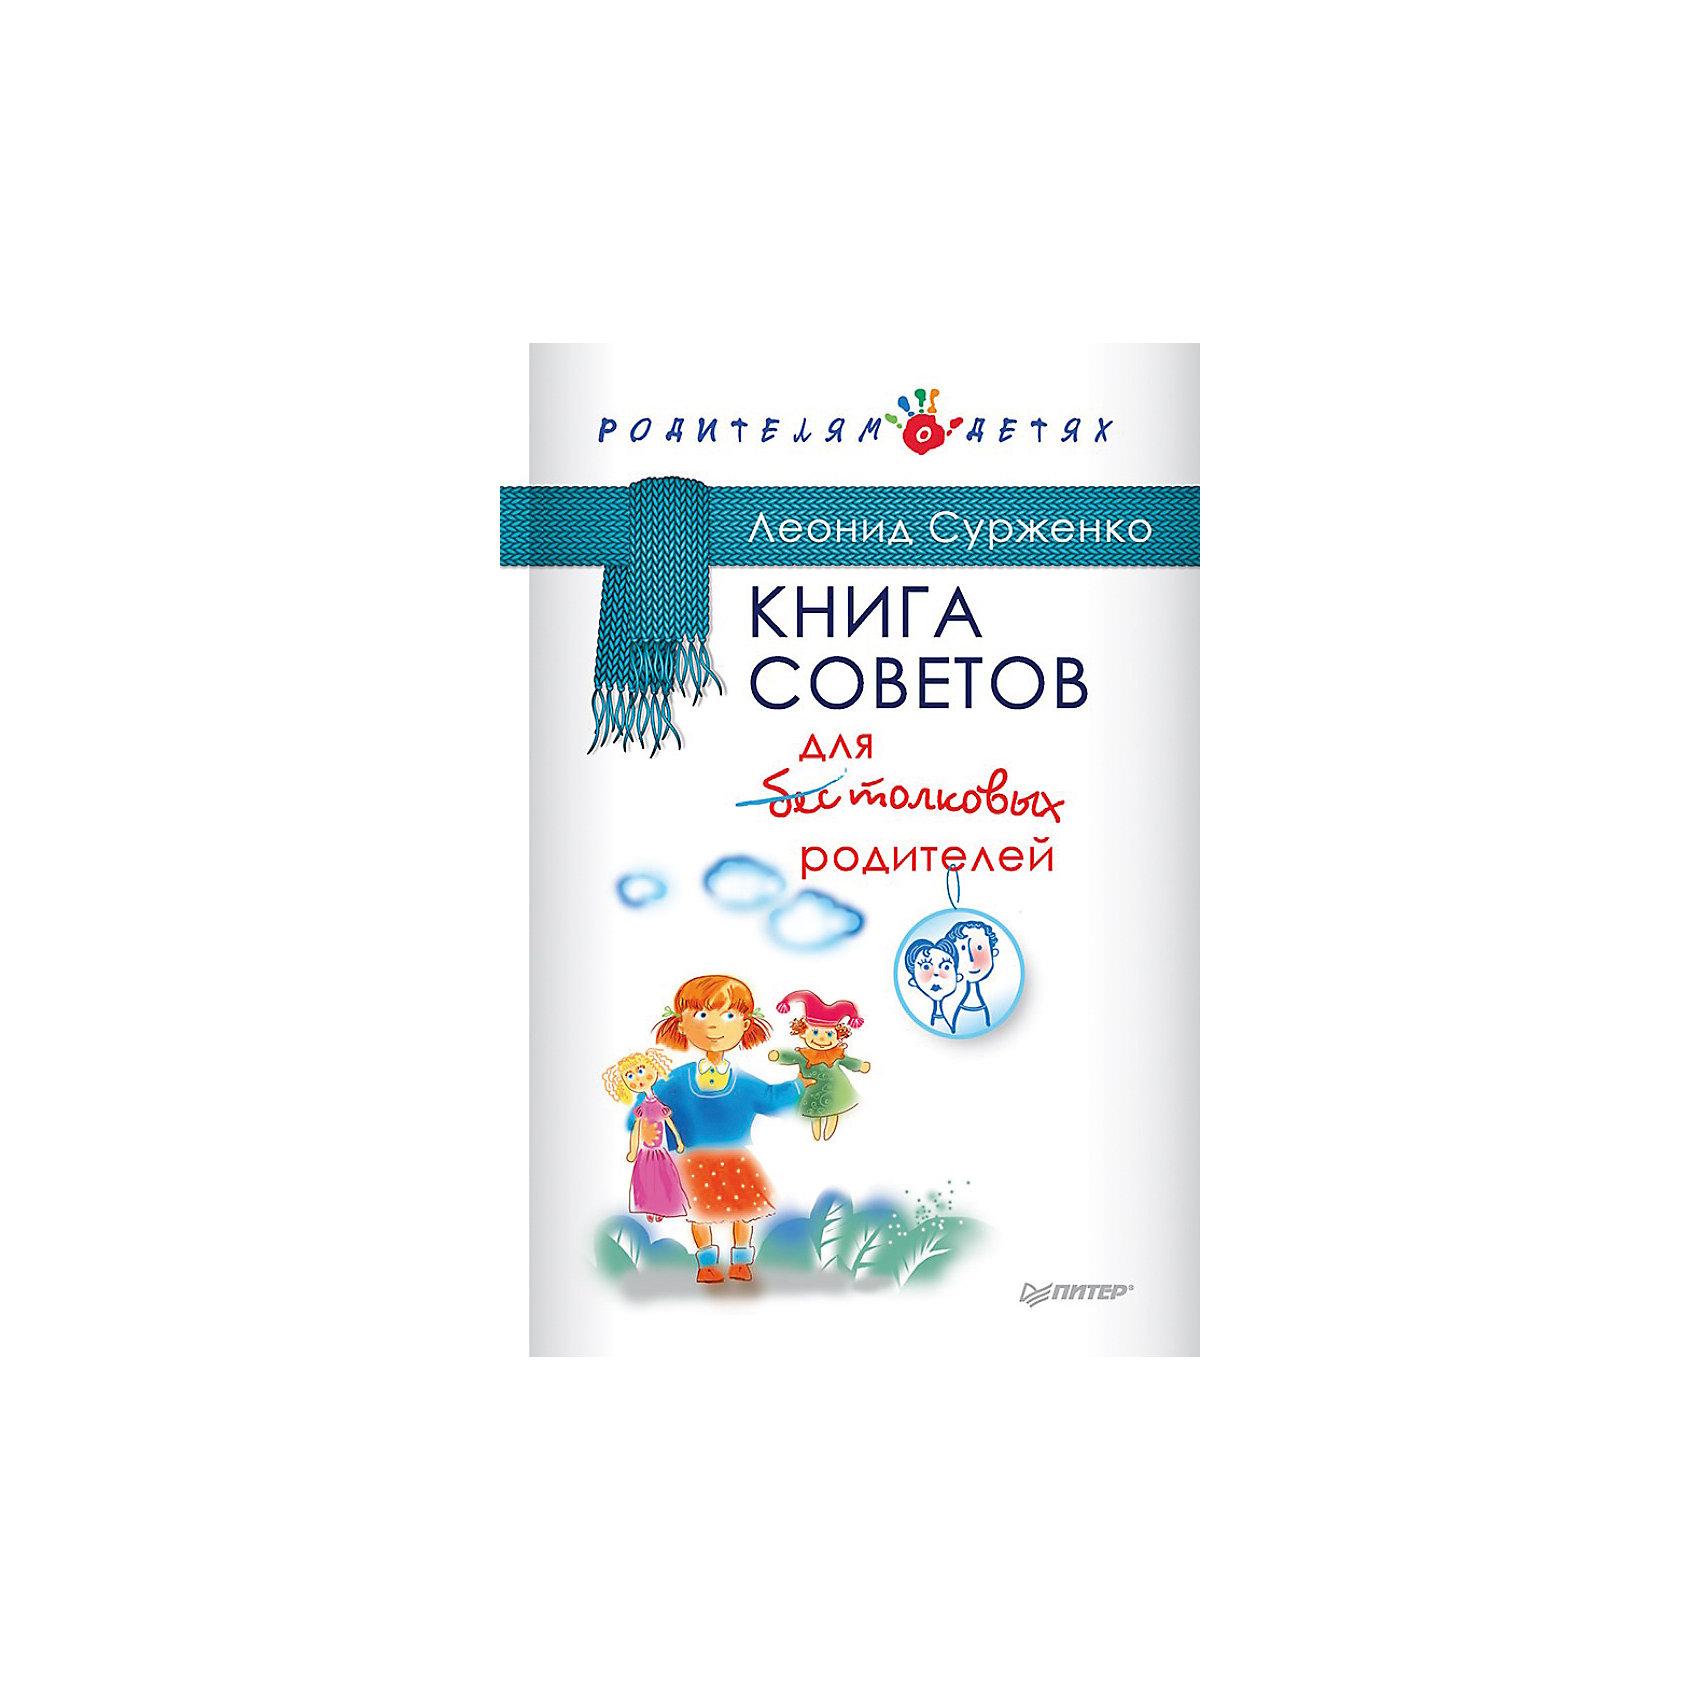 Книга советов для бестолковых родителей (ПИТЕР)